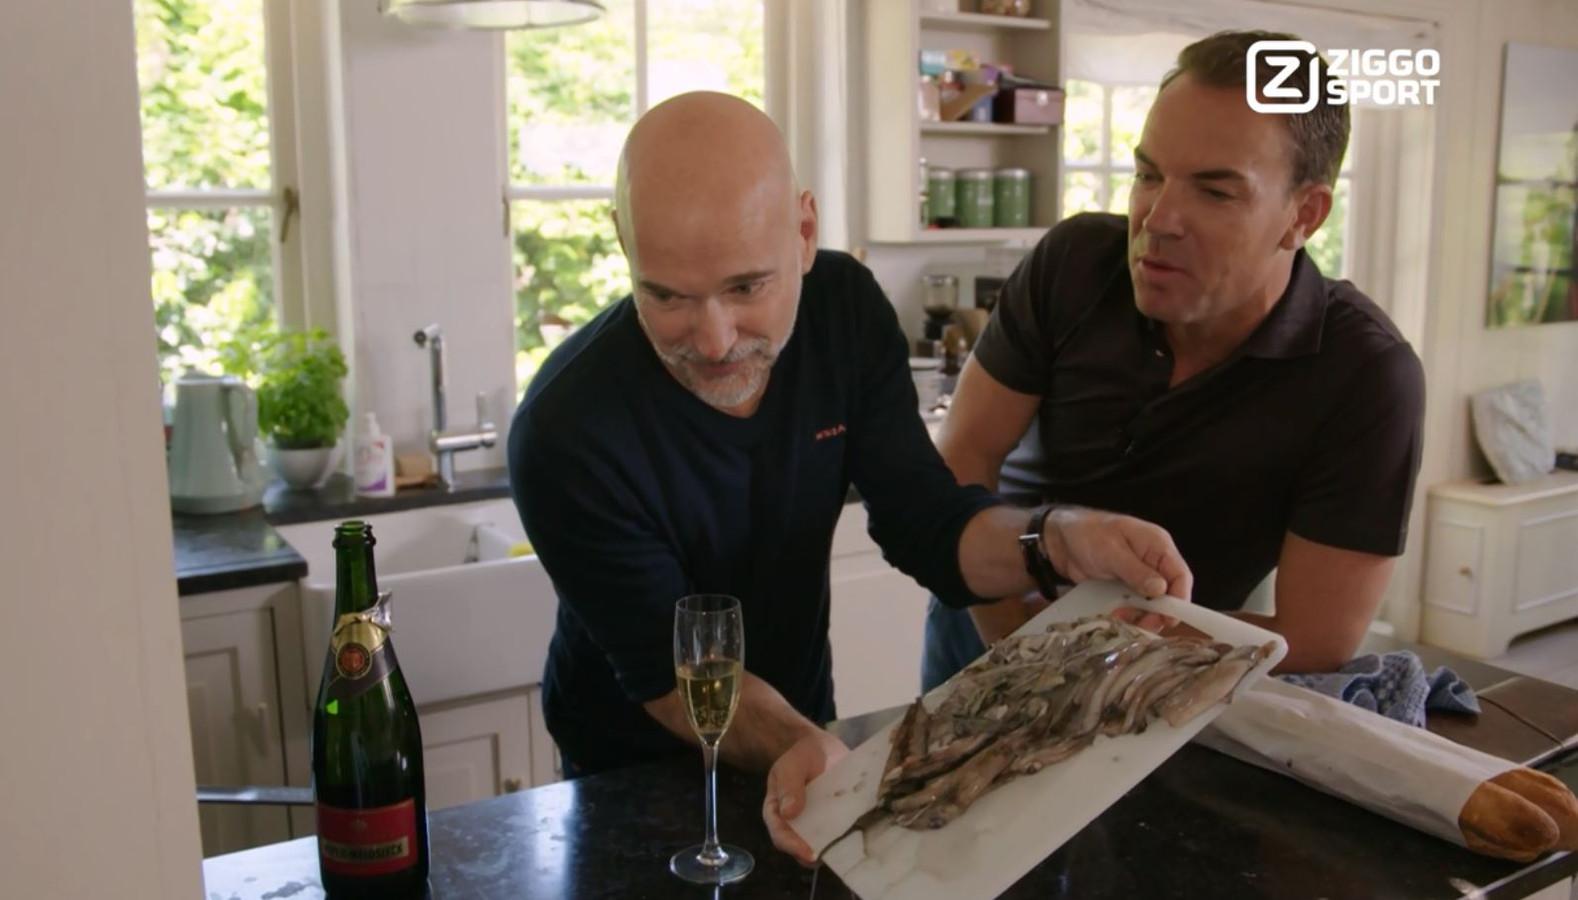 Still uit Crashen in de Keuken, terugblik op de Formule 1 met Rob Kamphues en Robert Doornbos.